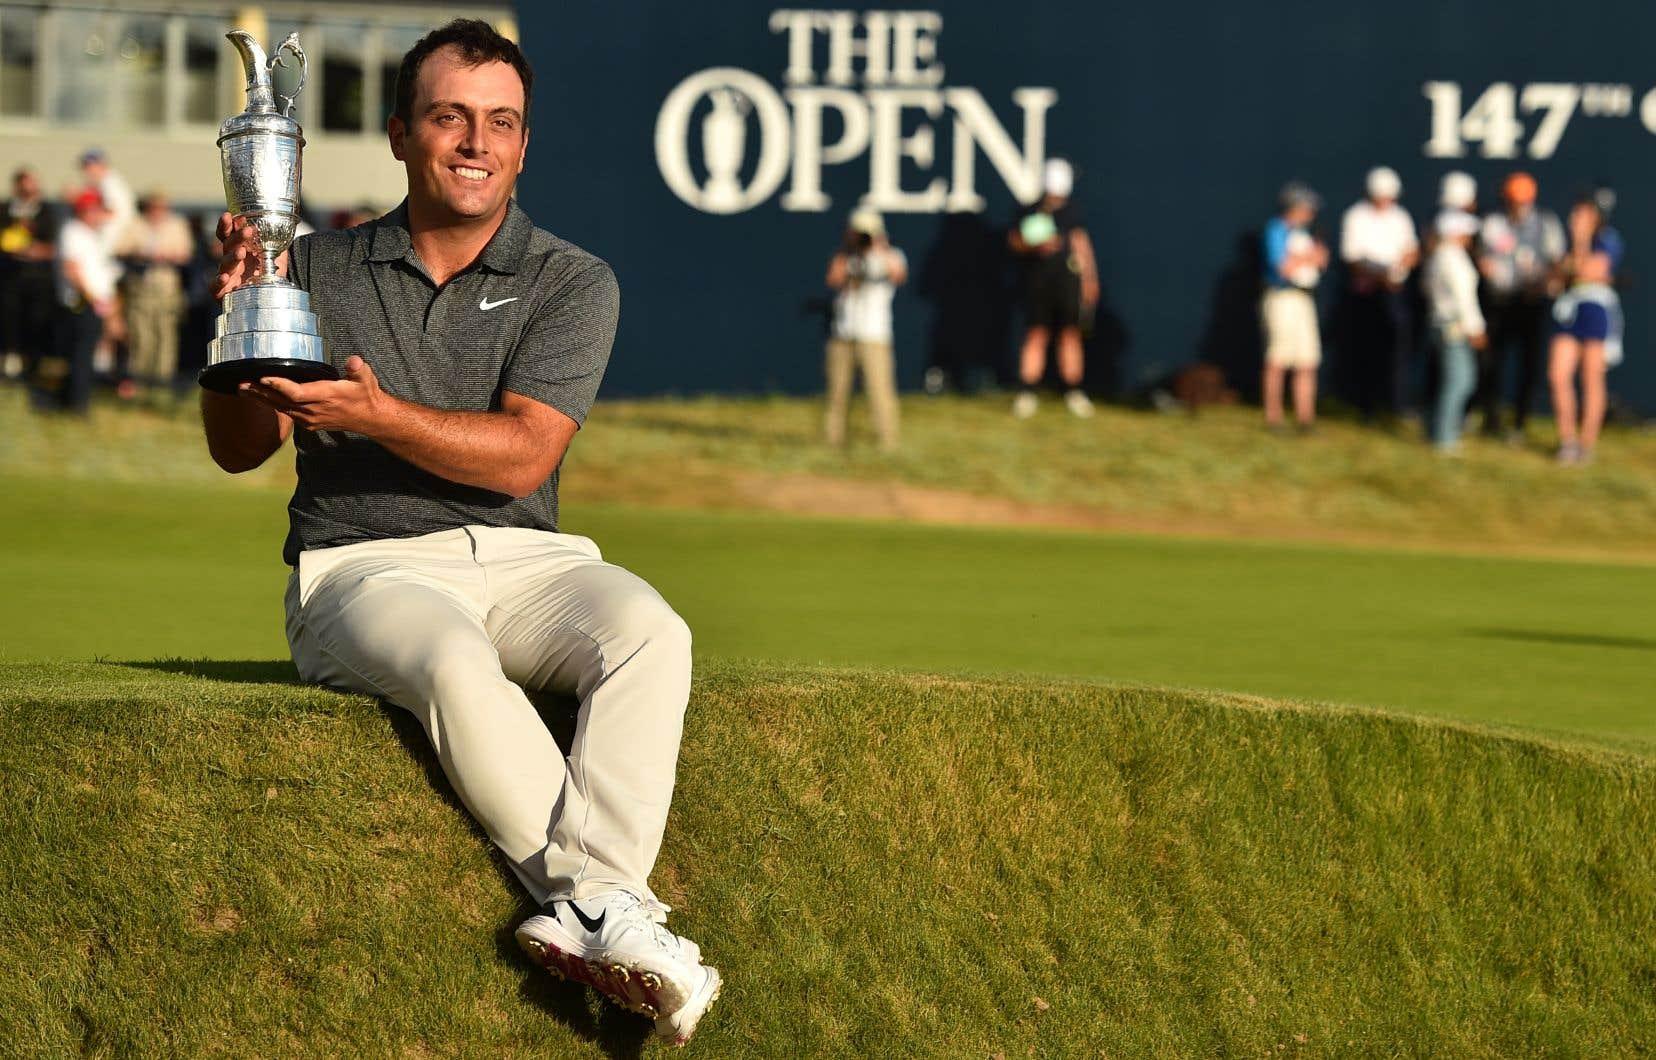 «Jouer contre Tiger [Woods] était un autre défi à cause du public, mais je me sentais très bien ce matin et prêt pour un défi», a expliqué Francisco Molinari.